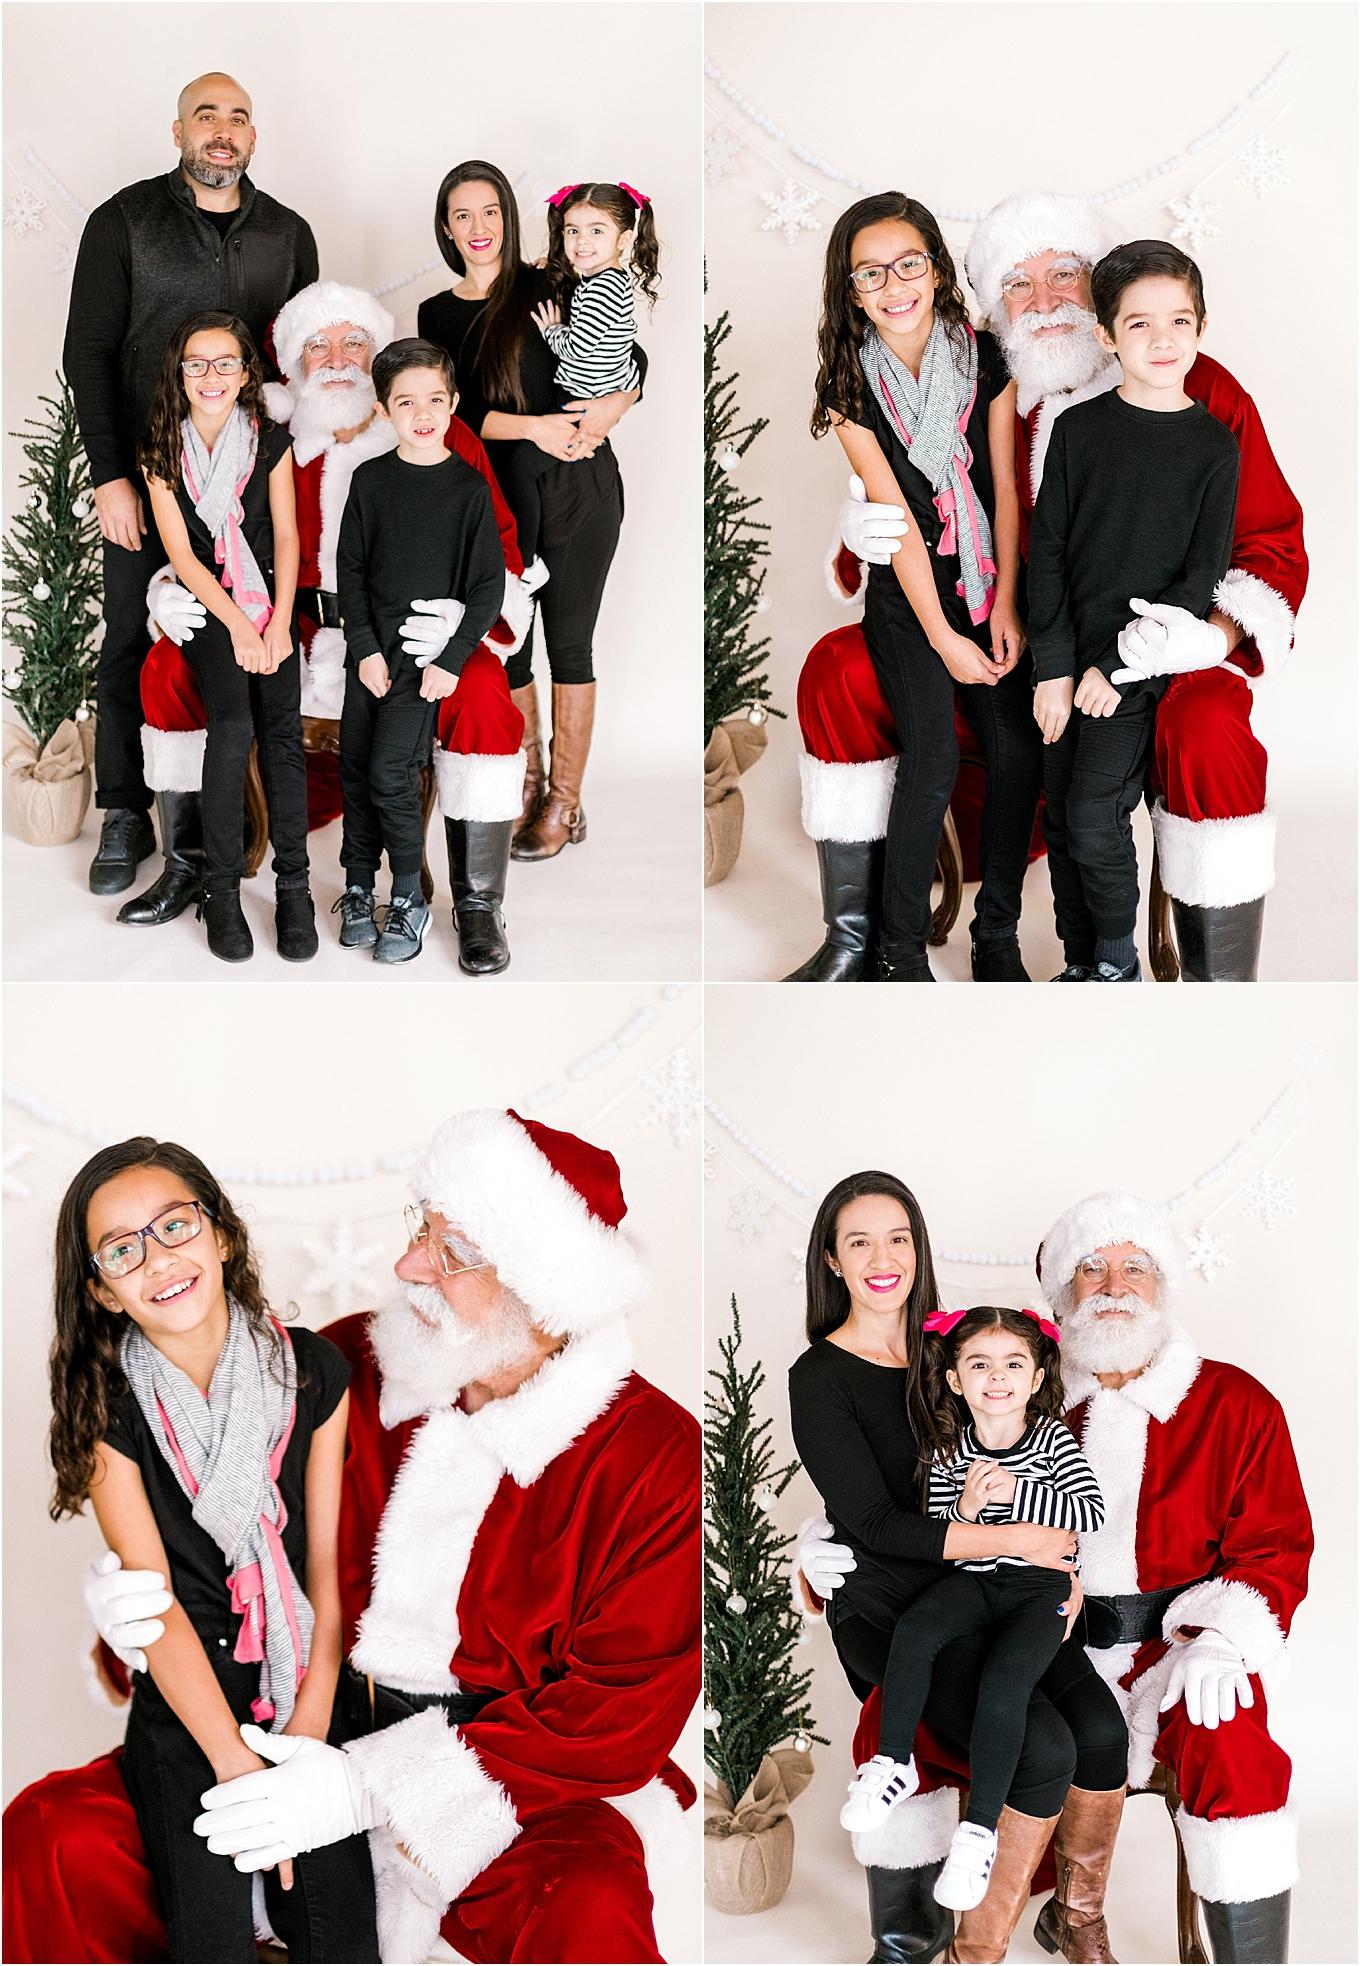 el paso santa minis, el paso santa photos, christmas cookies, el paso cookies, el paso photographer, el paso christmas photographer